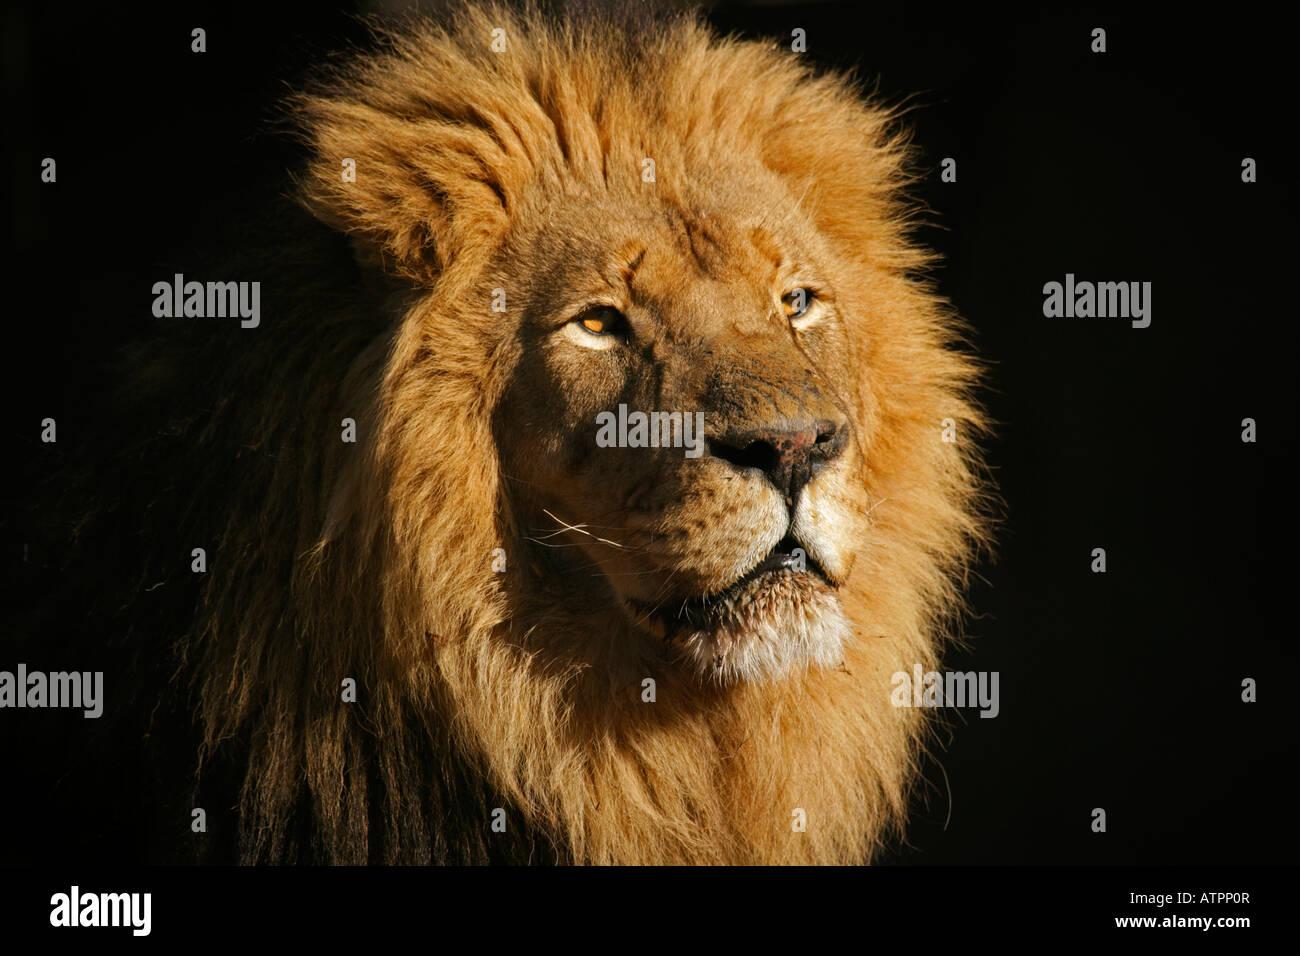 Ritratto di un grande maschio di leone africano (Panthera leo), contro uno sfondo nero, Sud Africa Immagini Stock